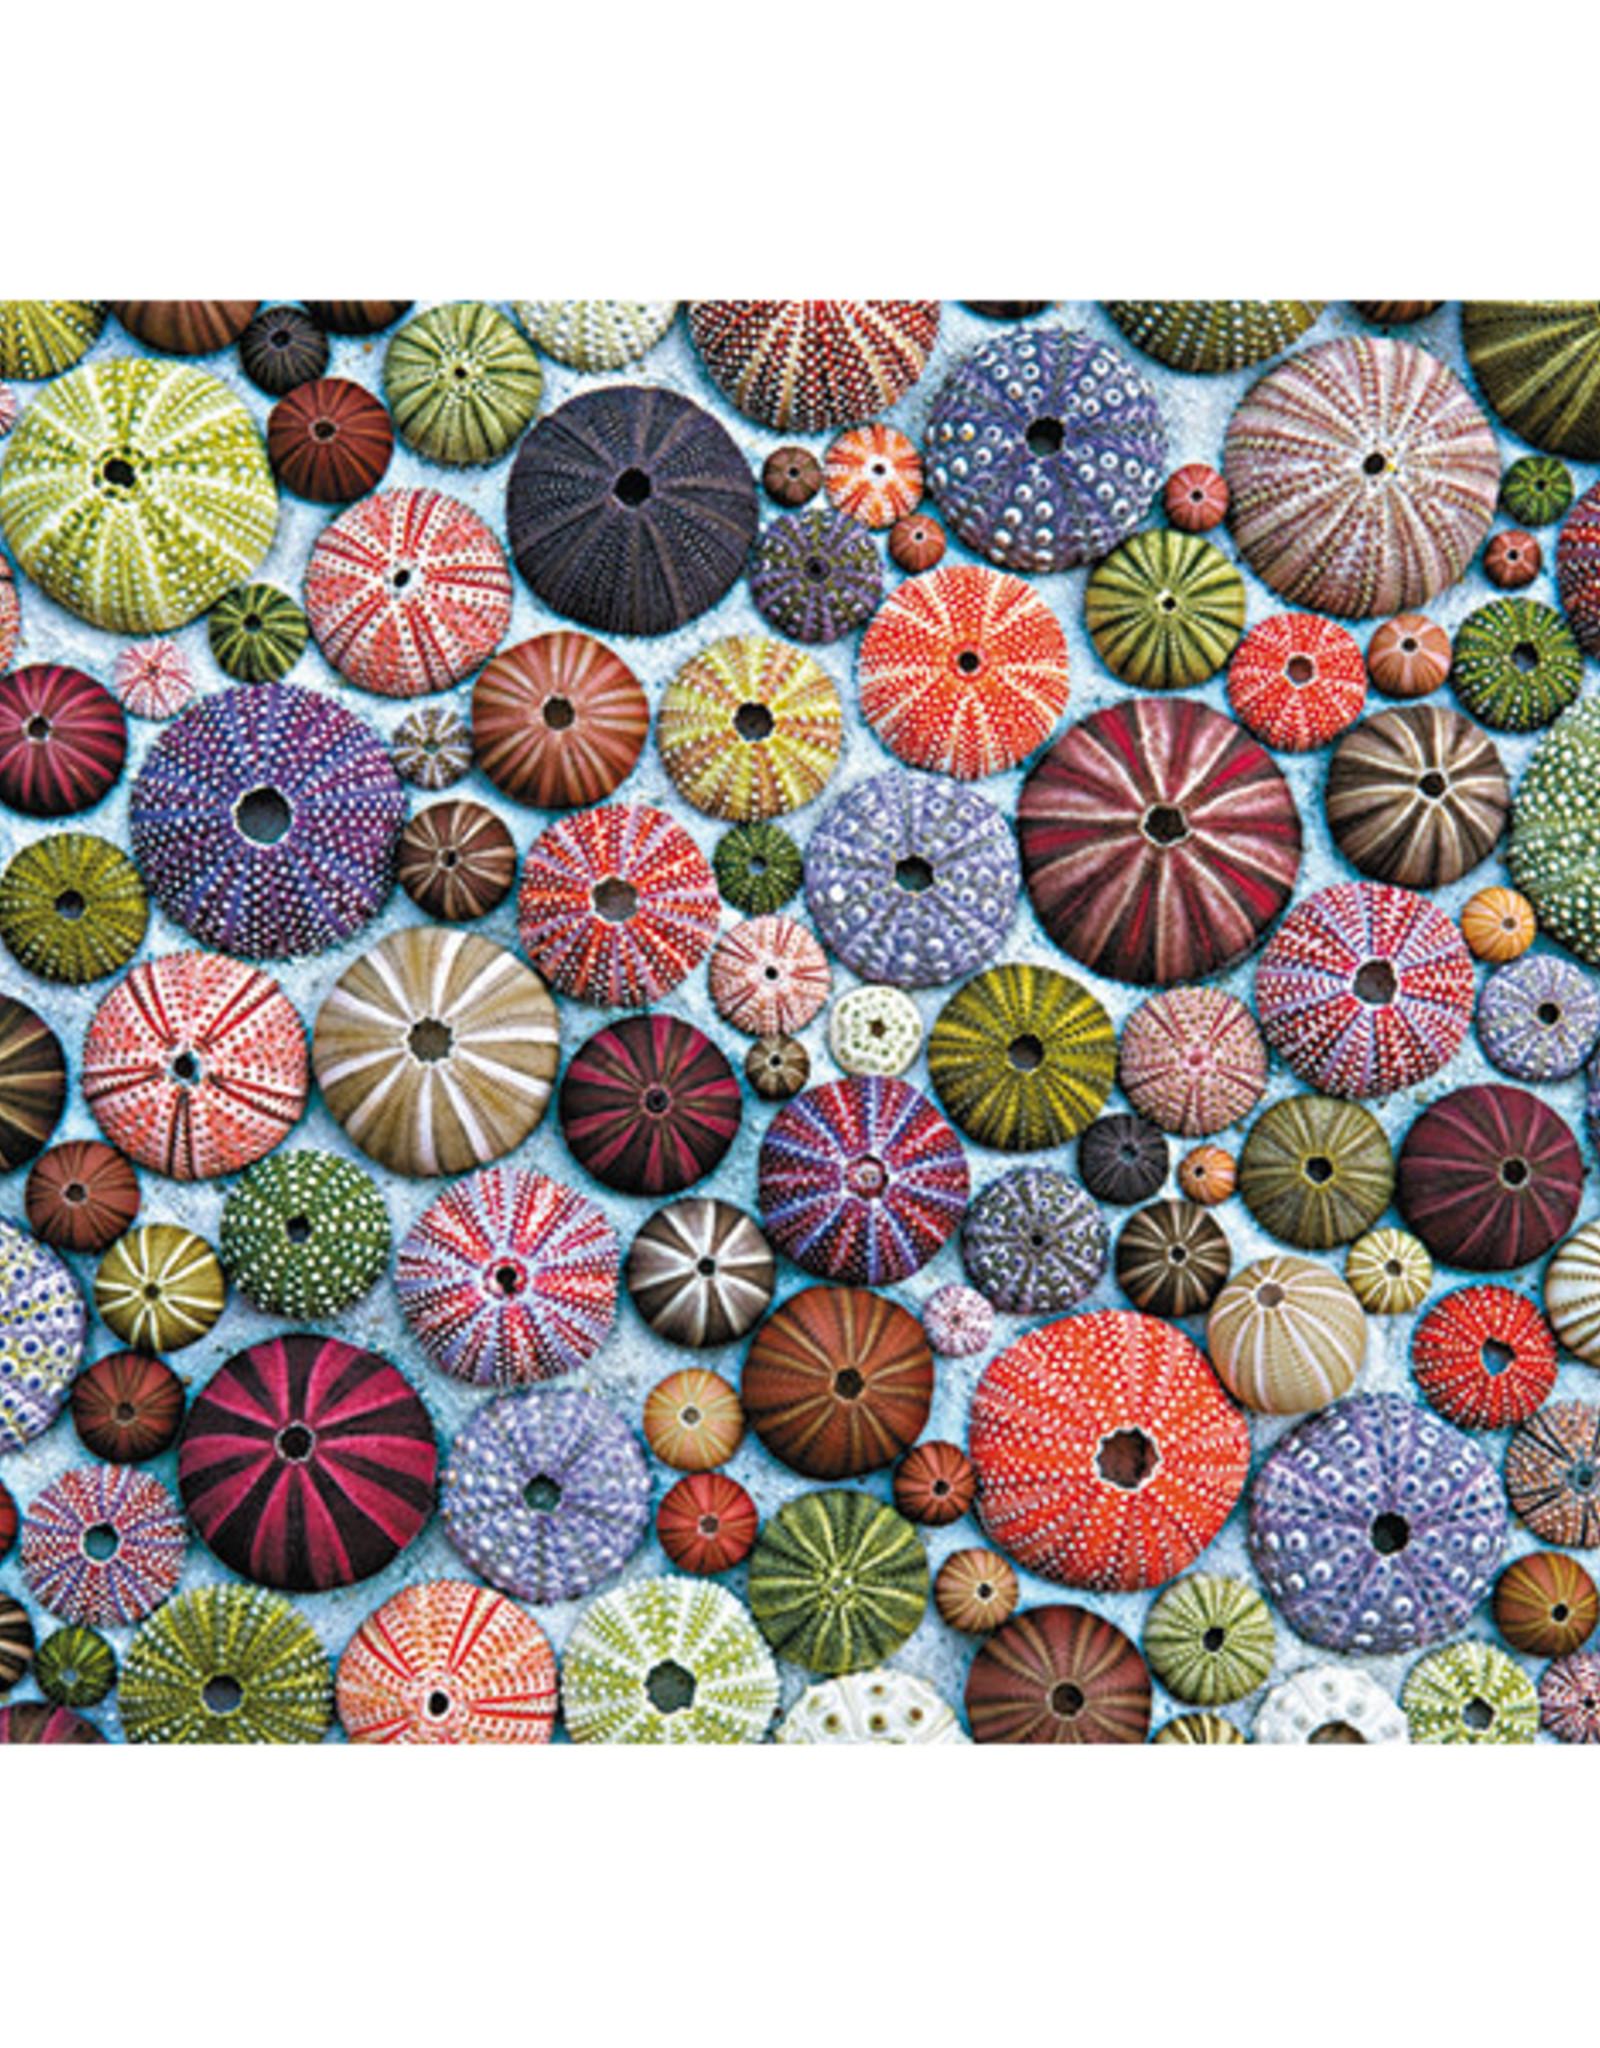 Piatnik Sea Urchins 1000pc